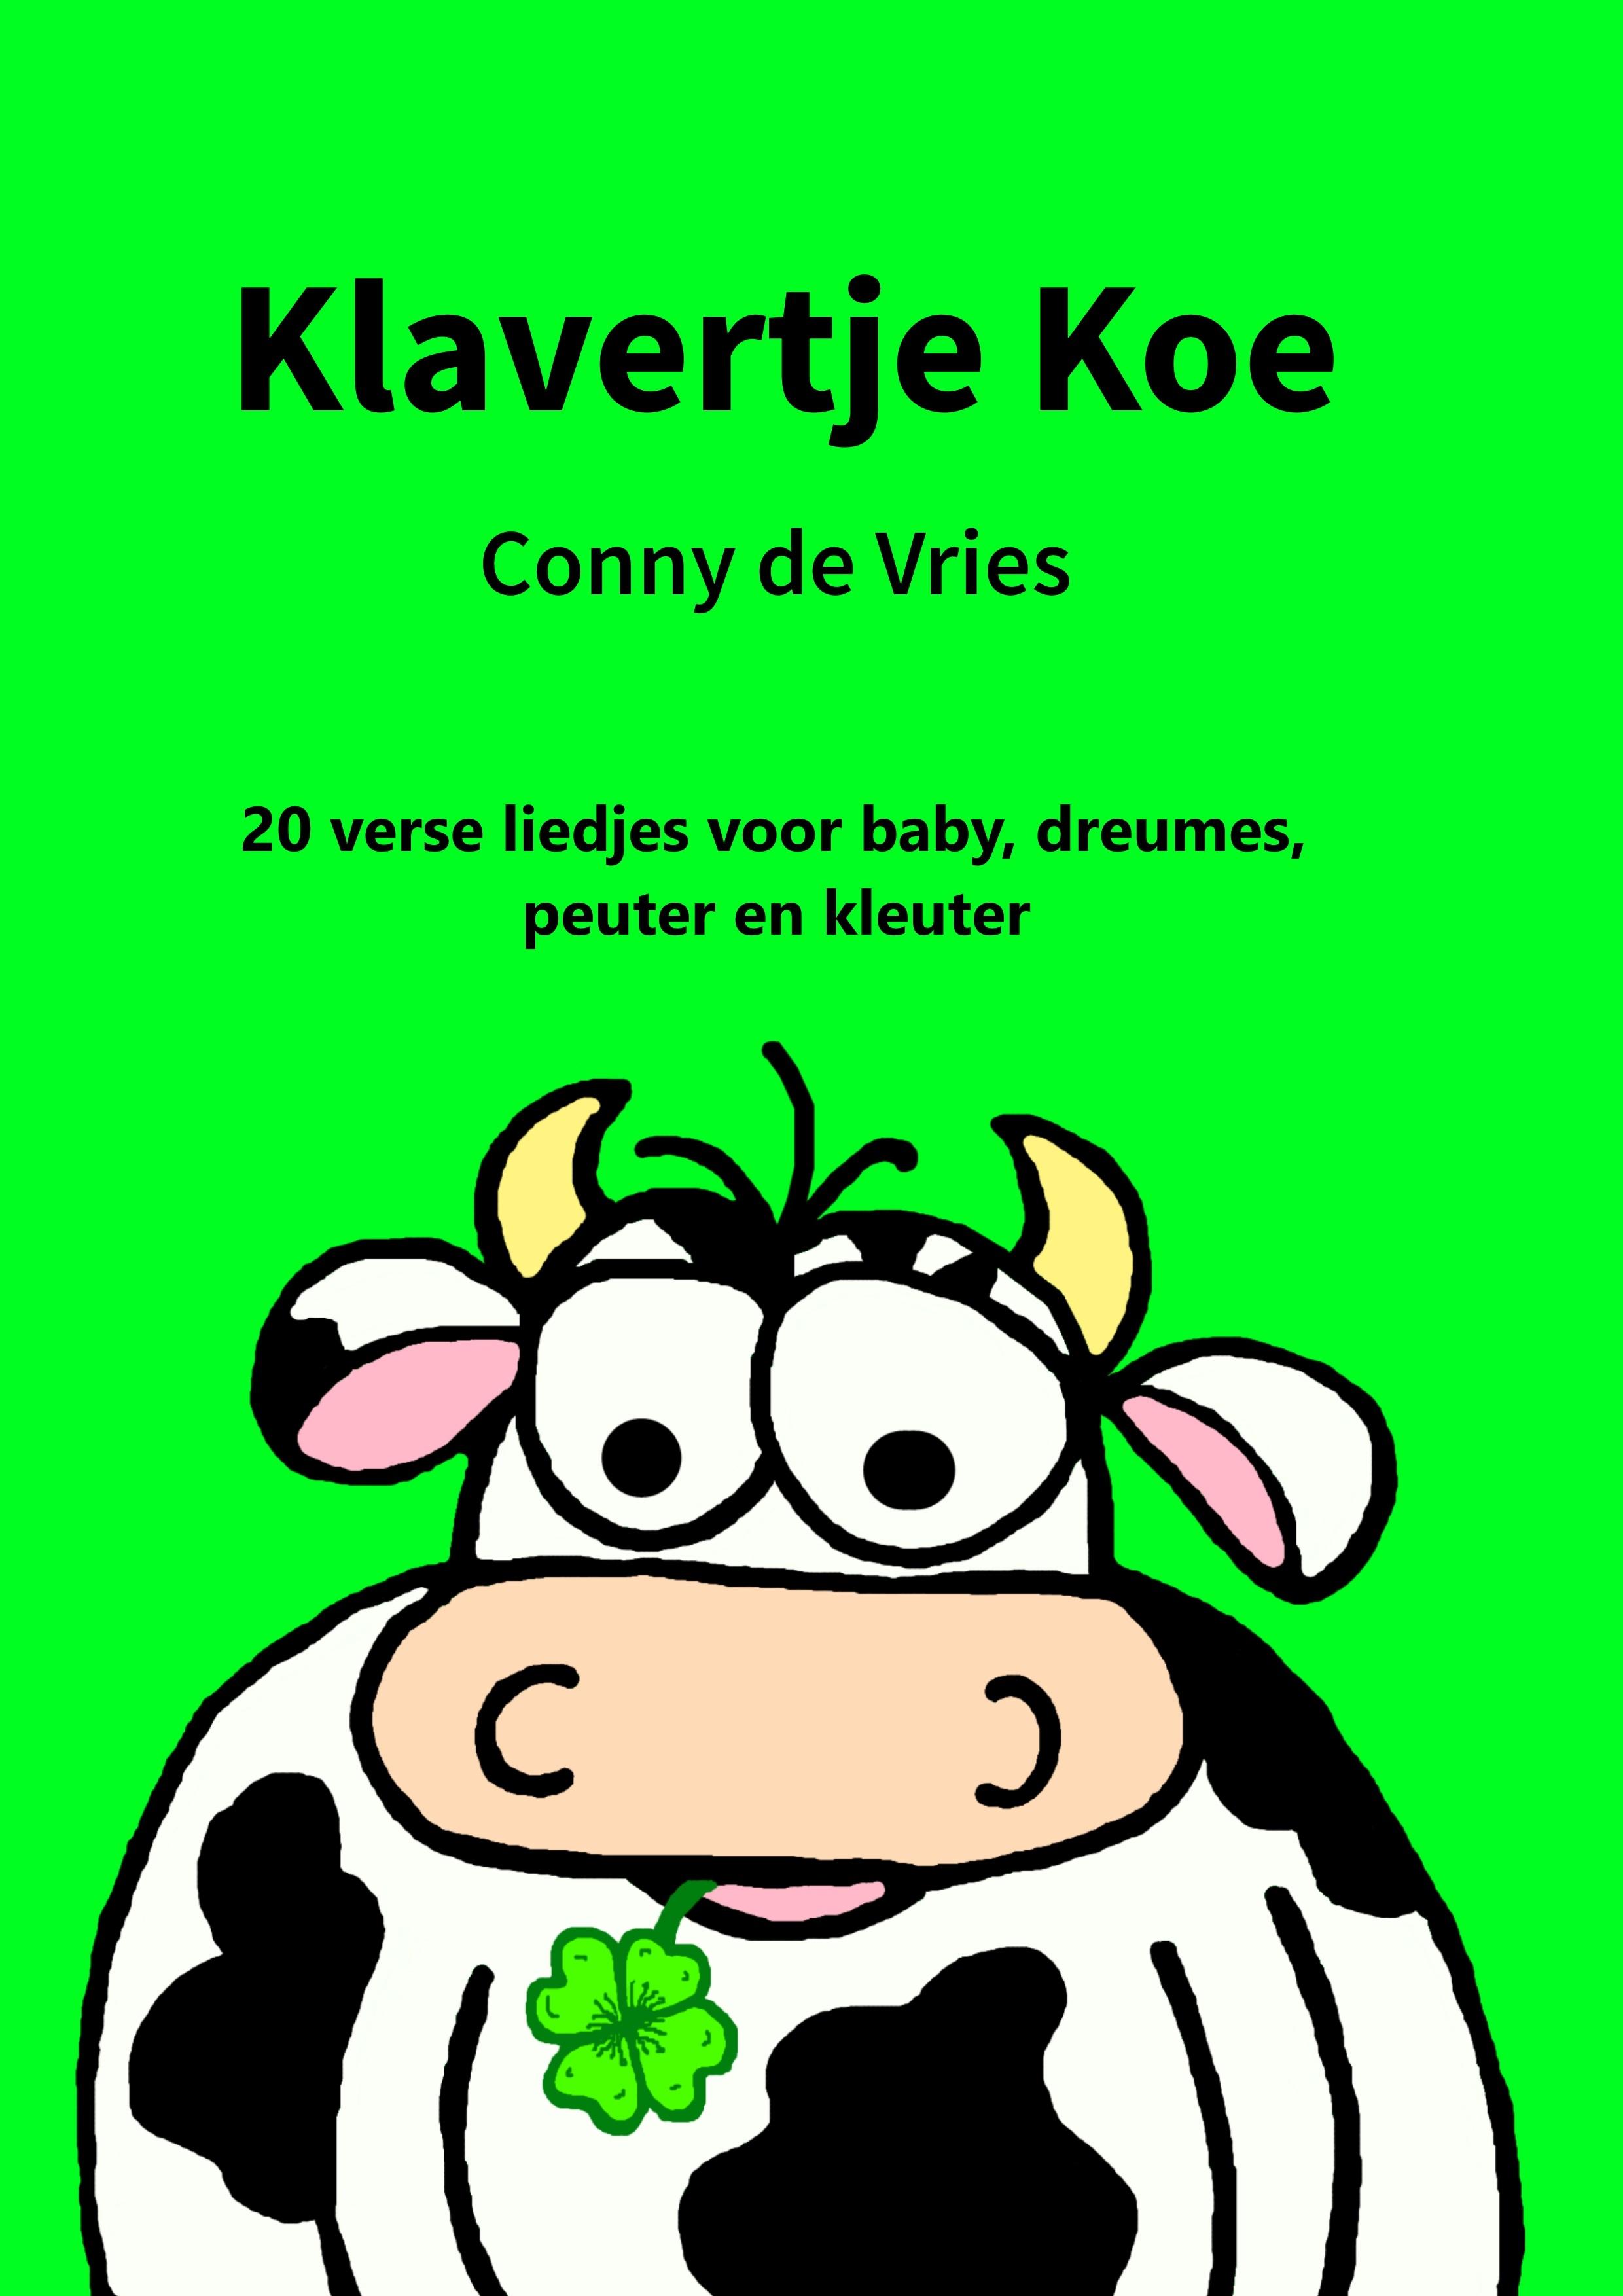 coverafbeelding van Klavertje Koe. © Conny de Vries